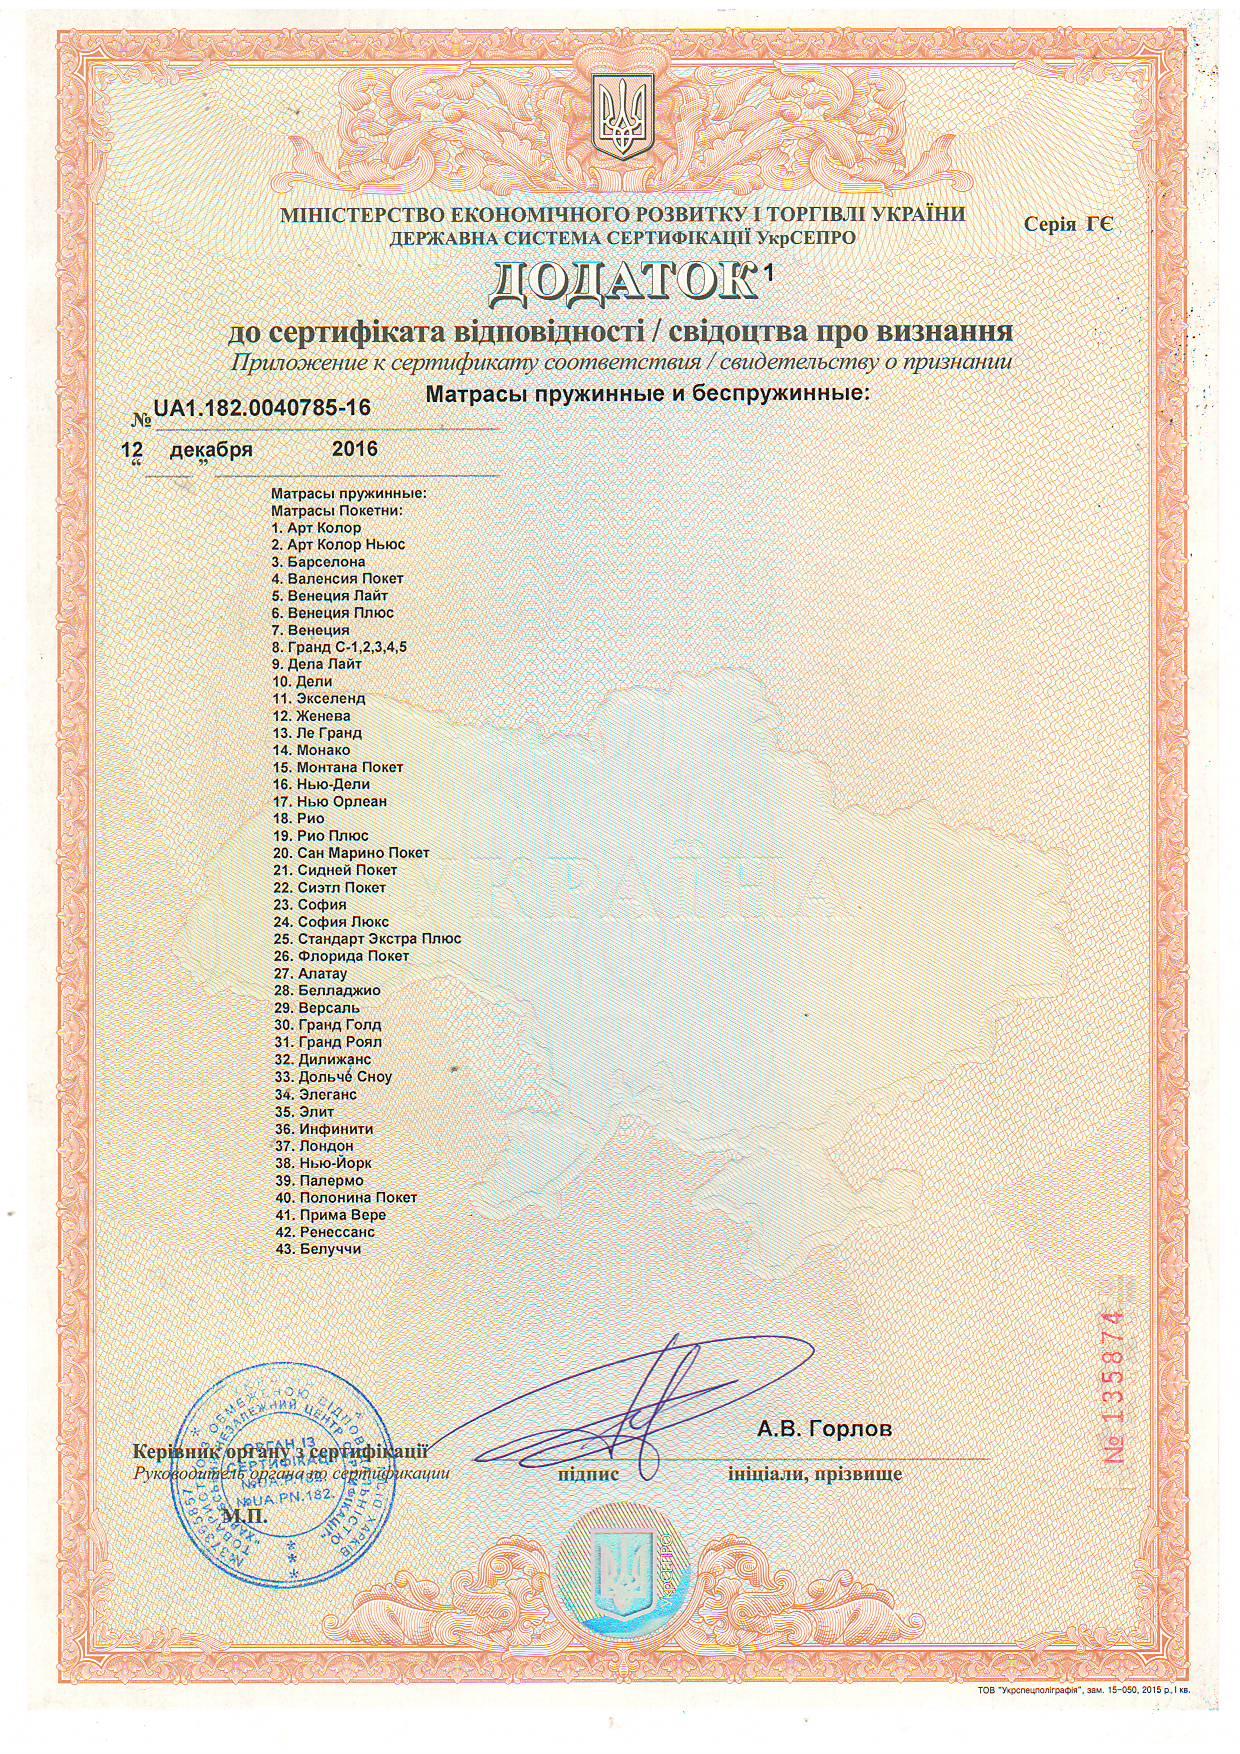 Дополнение 1 к Сертификату соответствия качества матрасов пружинных и беспружинных.